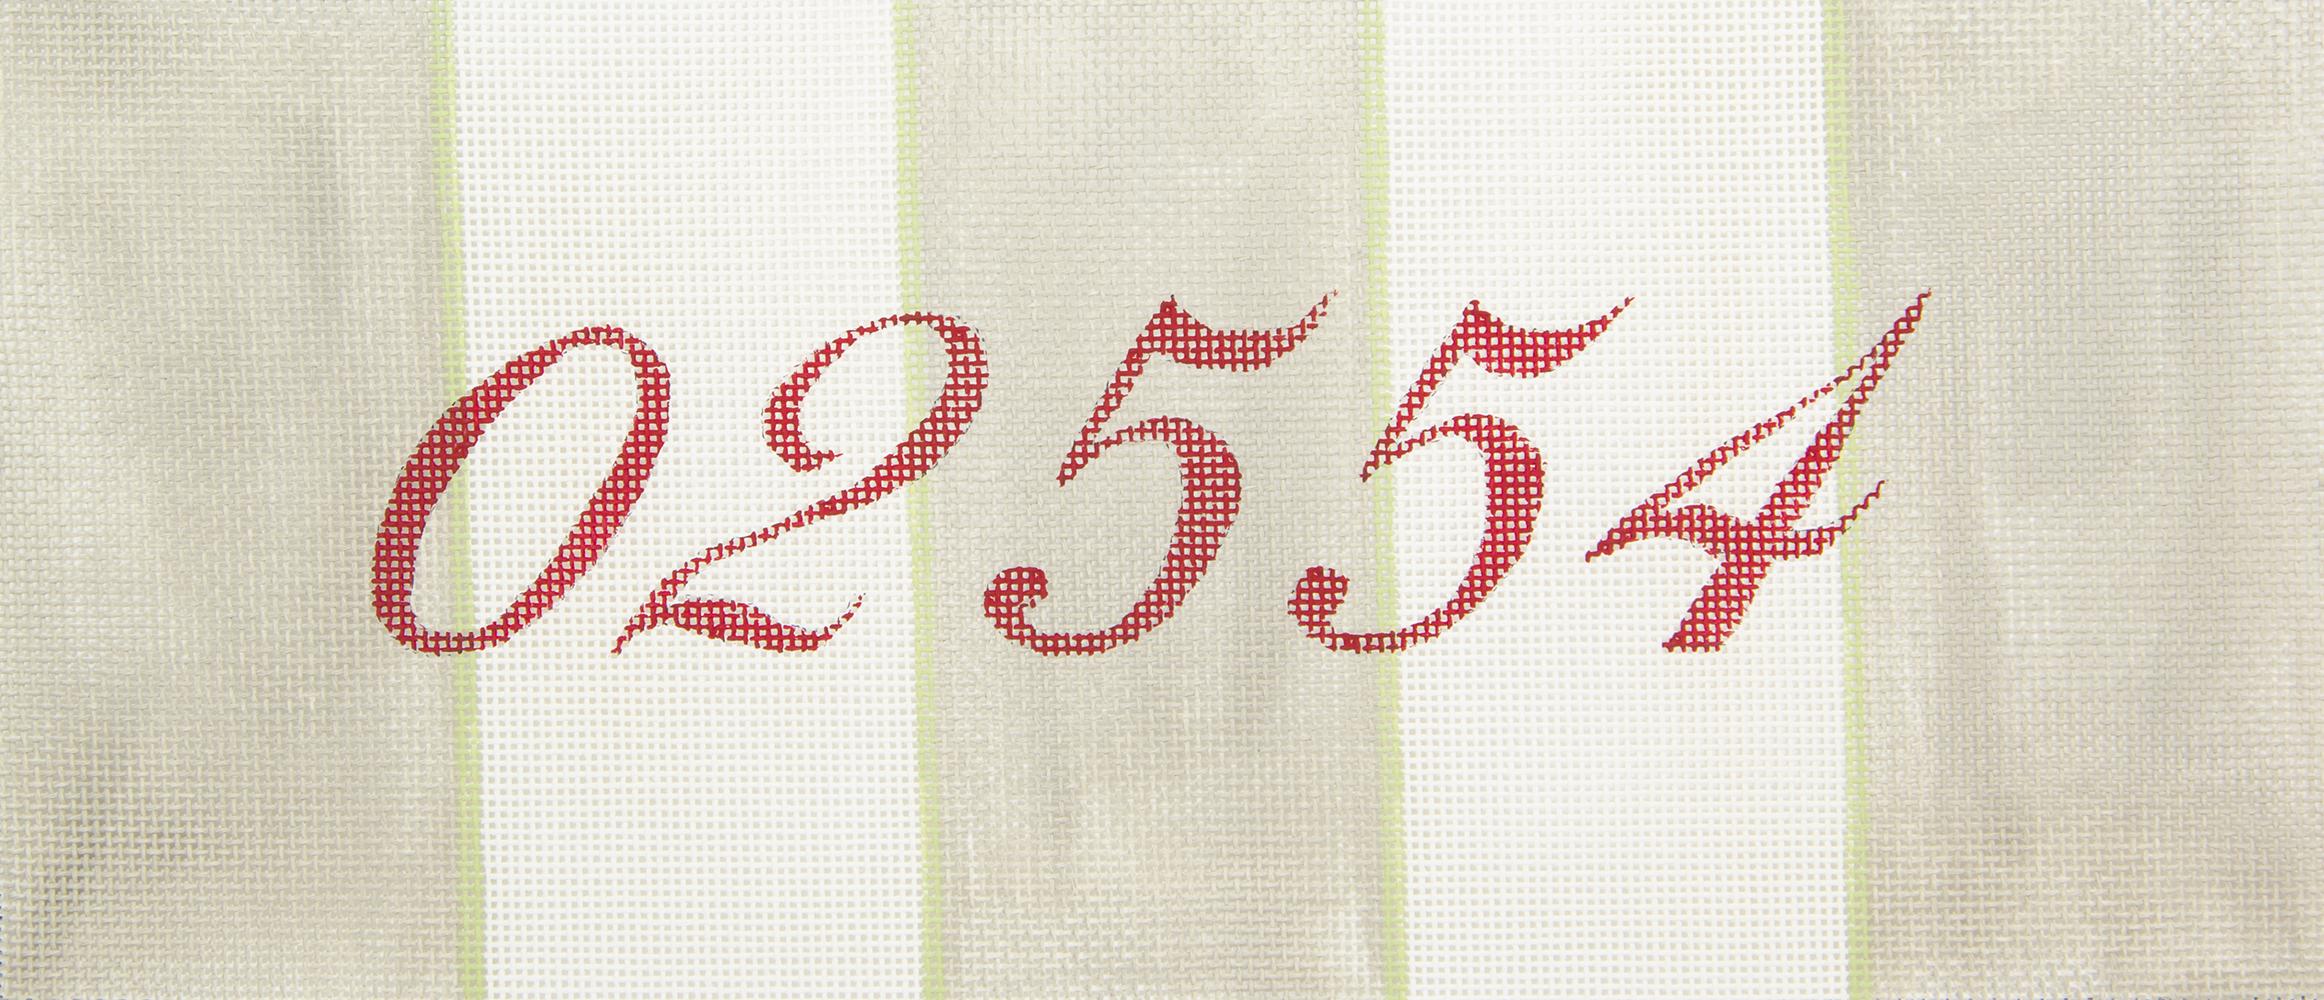 CZIP Zip Code Stripe